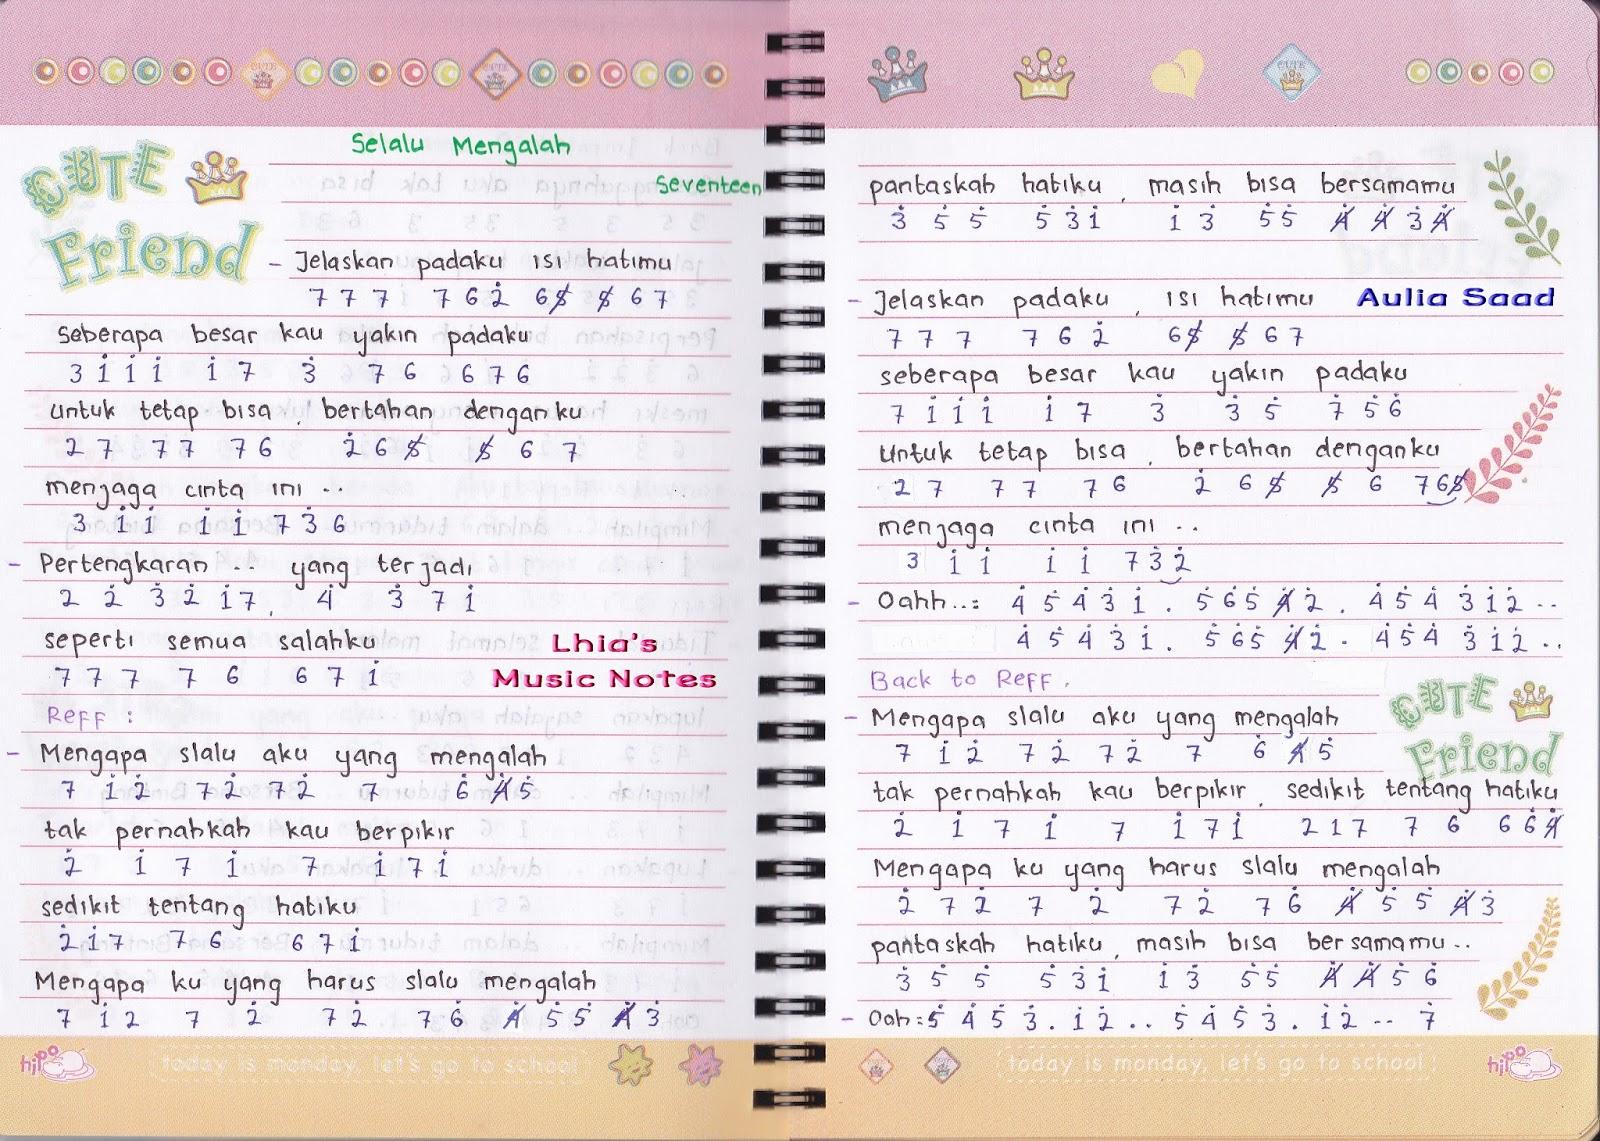 Not Angka : Seventeen – Selalu Mengalah | Lhia's Music Notes